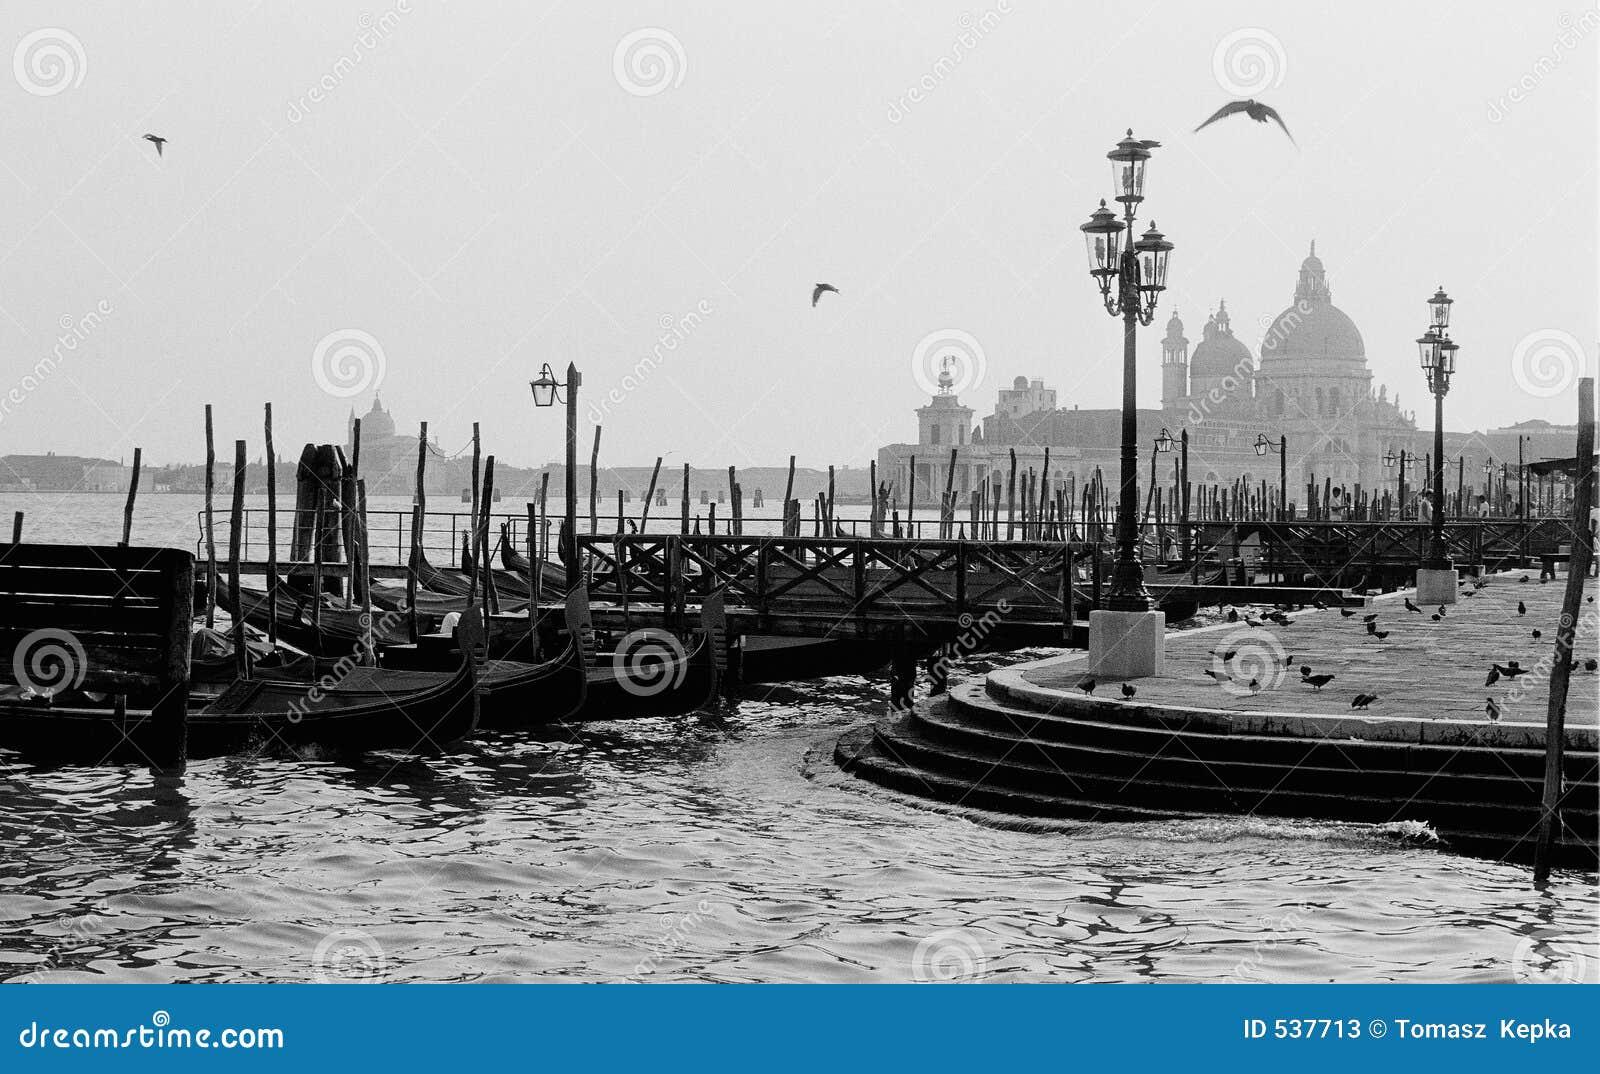 Download 威尼斯 库存例证. 插画 包括有 小船, 意大利, 长平底船, 欧洲, 通道, 旅行, 周末, 威尼斯 - 537713